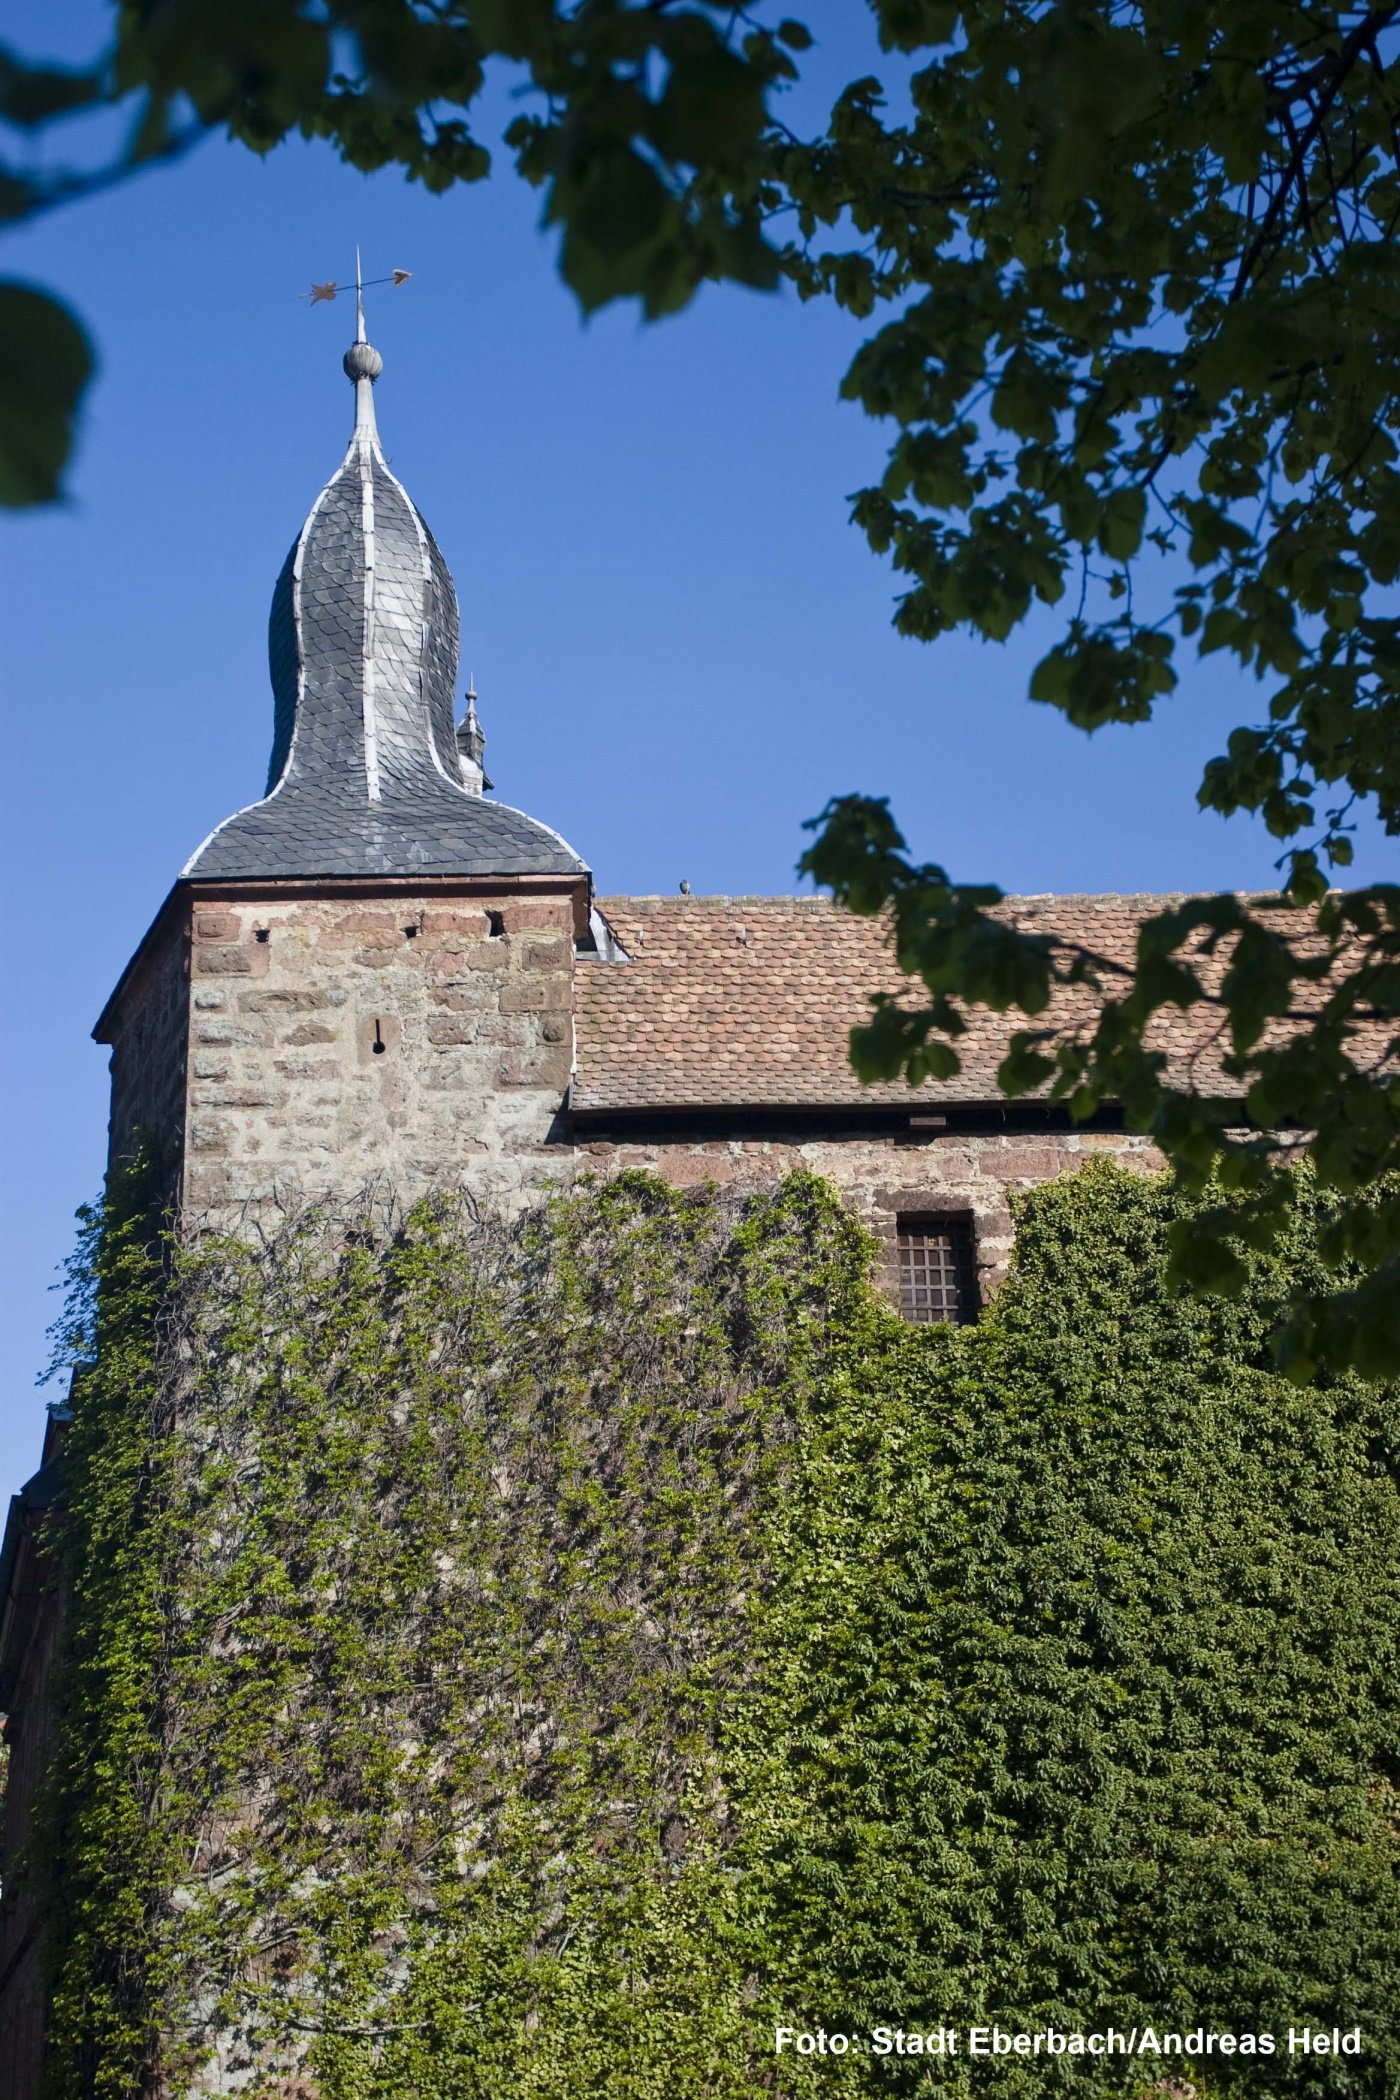 Blauer Hut in Eberbach